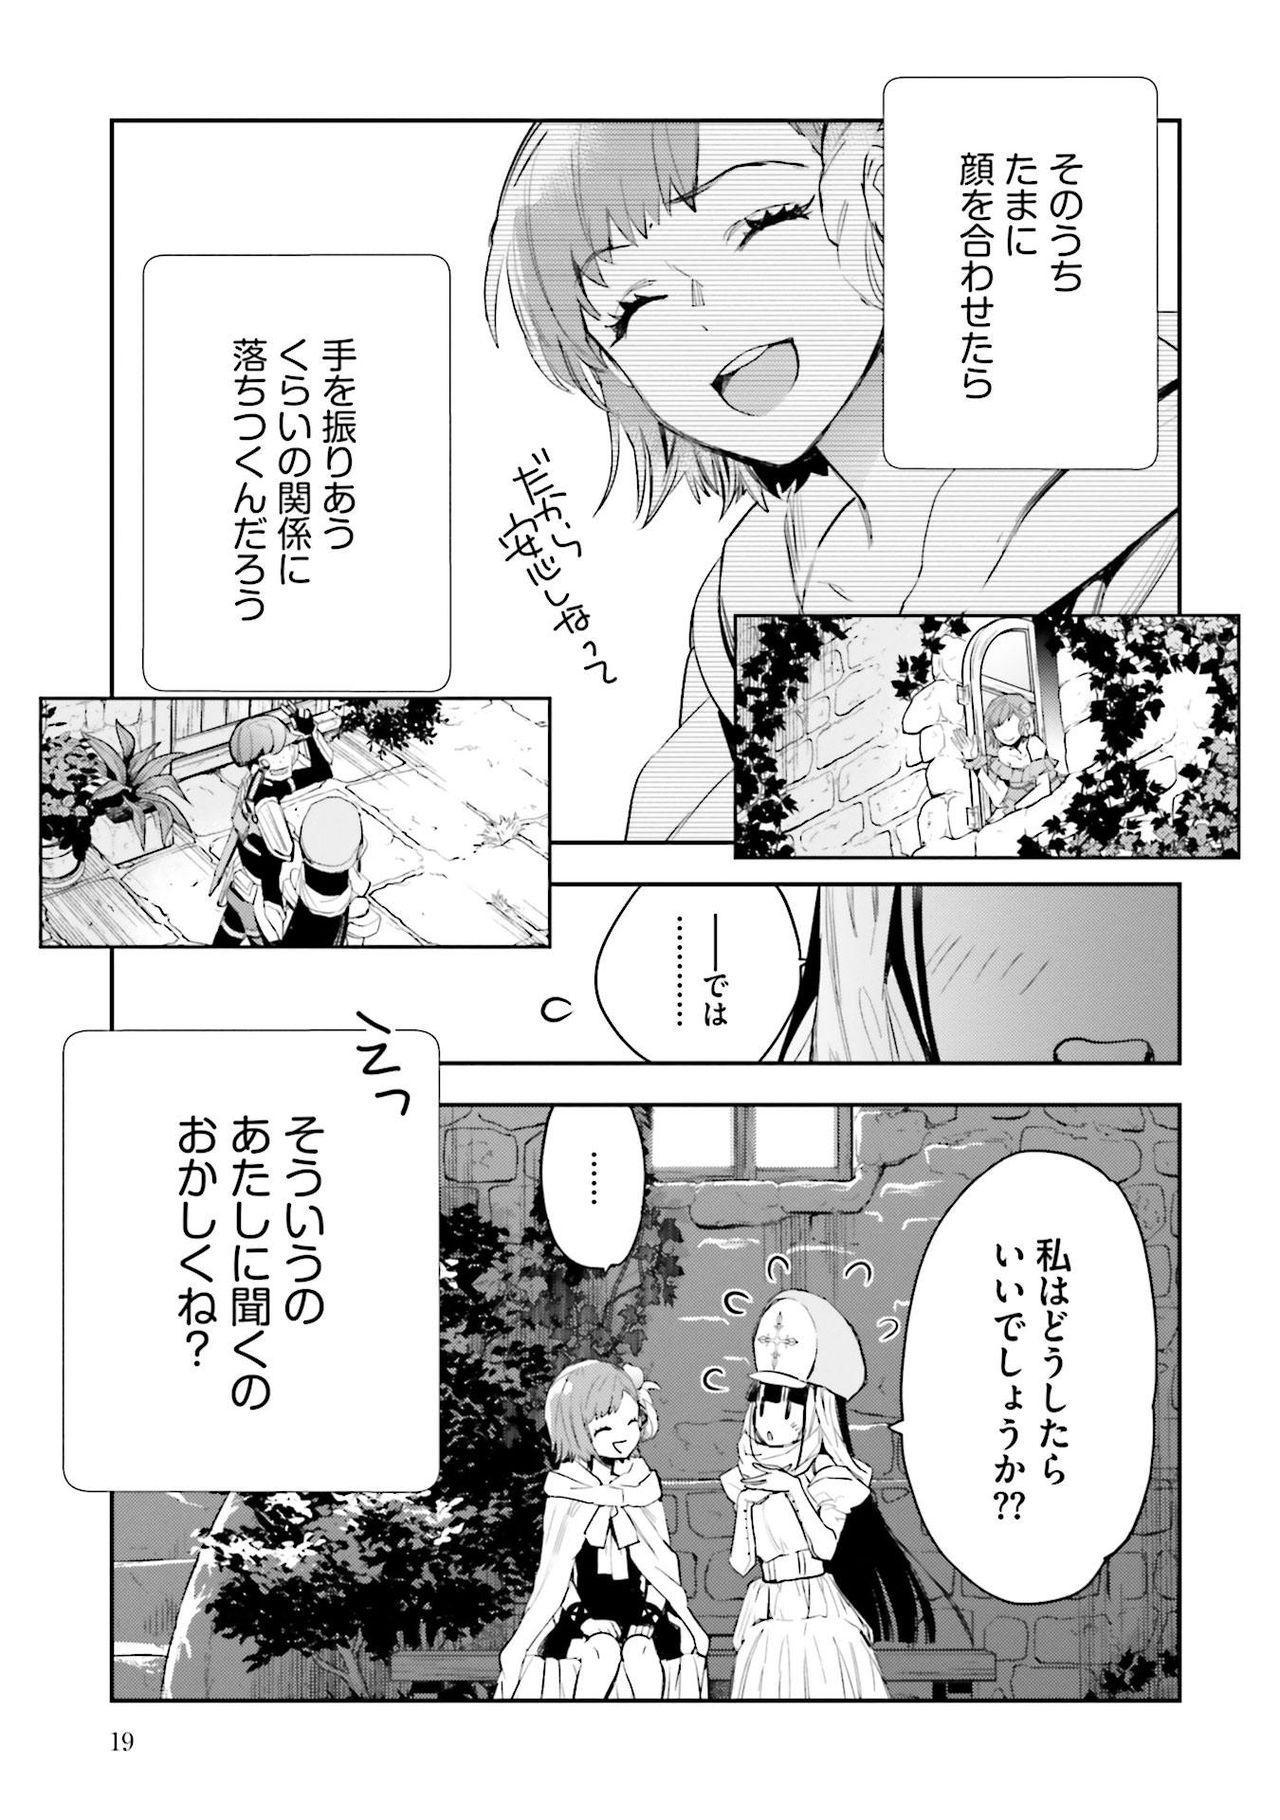 JK Haru wa Isekai de Shoufu ni Natta 1-14 207